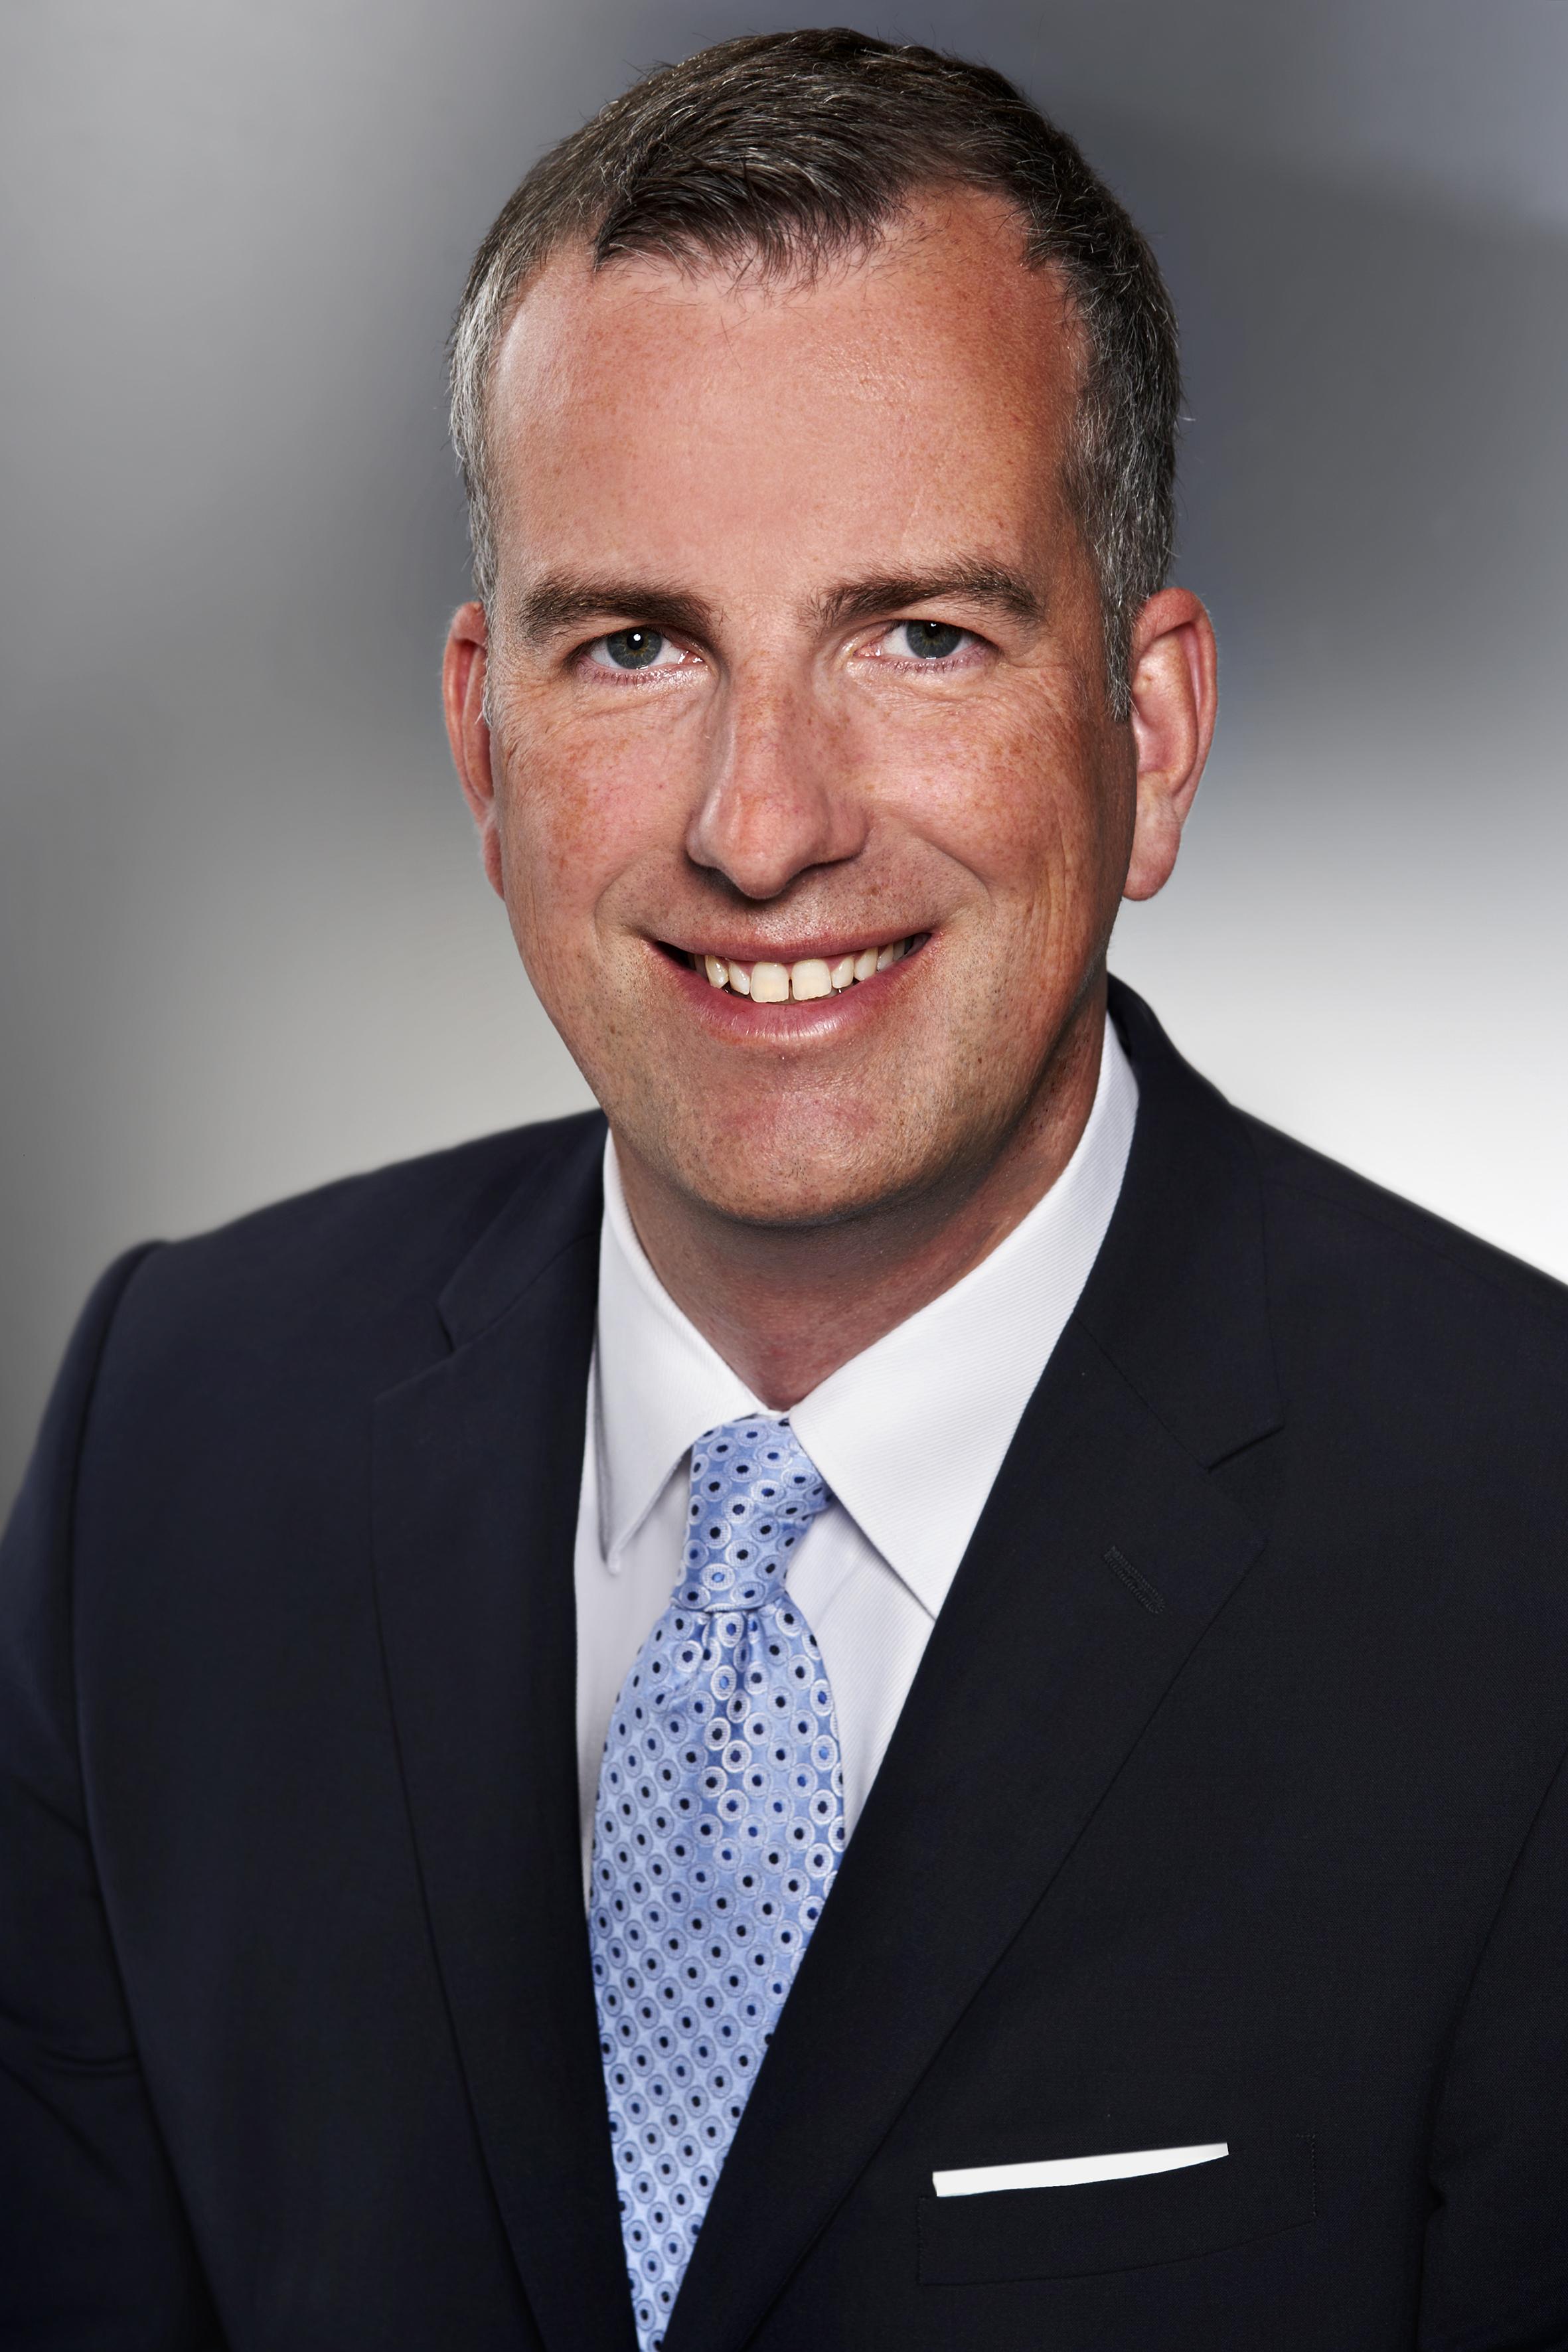 Jörn Windler, Geschäftsführer der International Security Group, weiß um die Schlagkraft beider Unternehmen: Mit Video Guard kommen Technik, die eigene Alarmzentrale, Logistik und Vertrieb aus einer Hand.